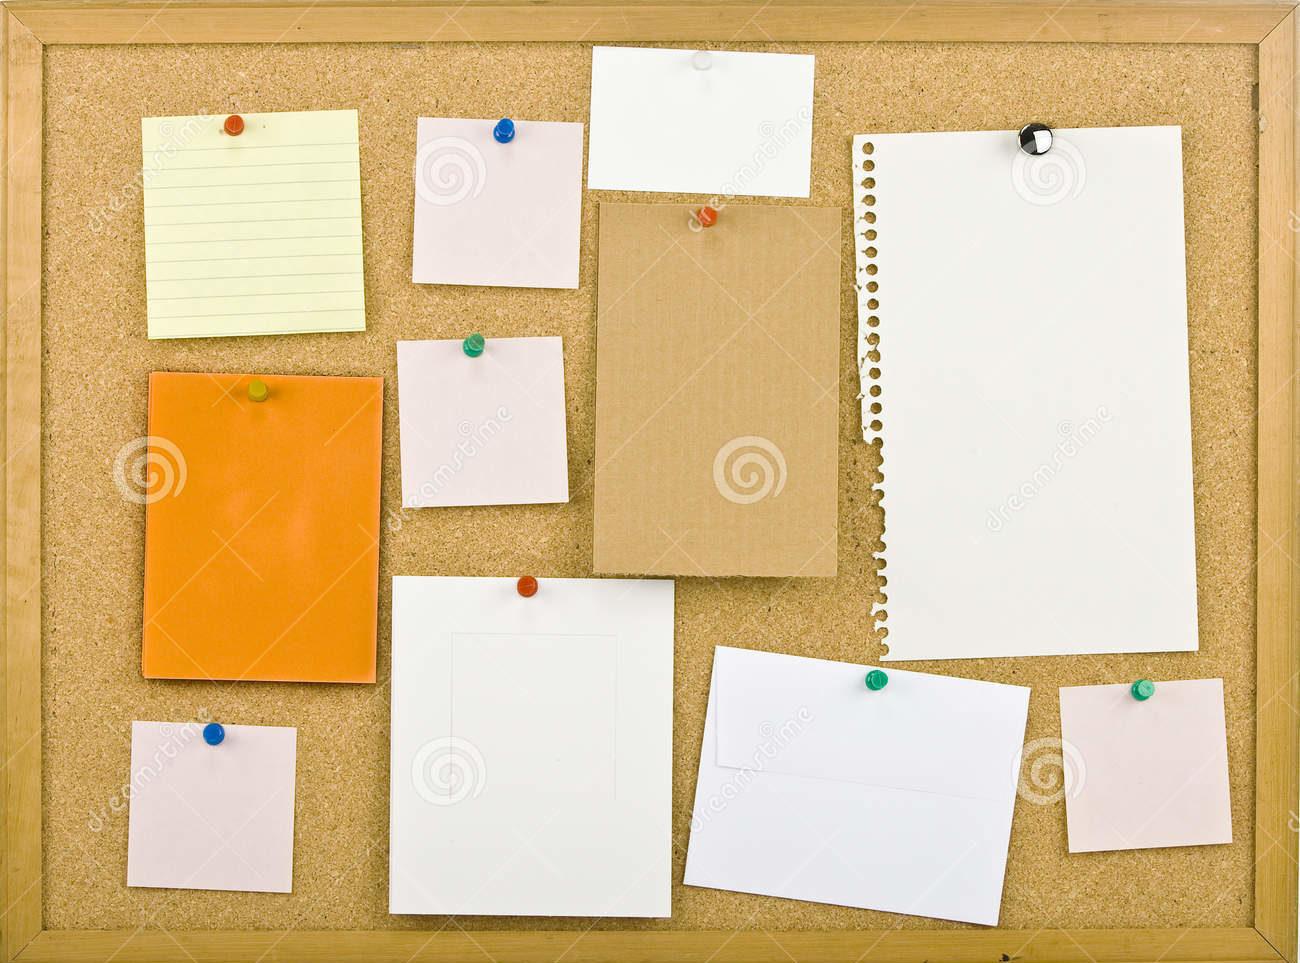 tableau-d-affichage-de-liège-avec-des-notes-16423274.jpg